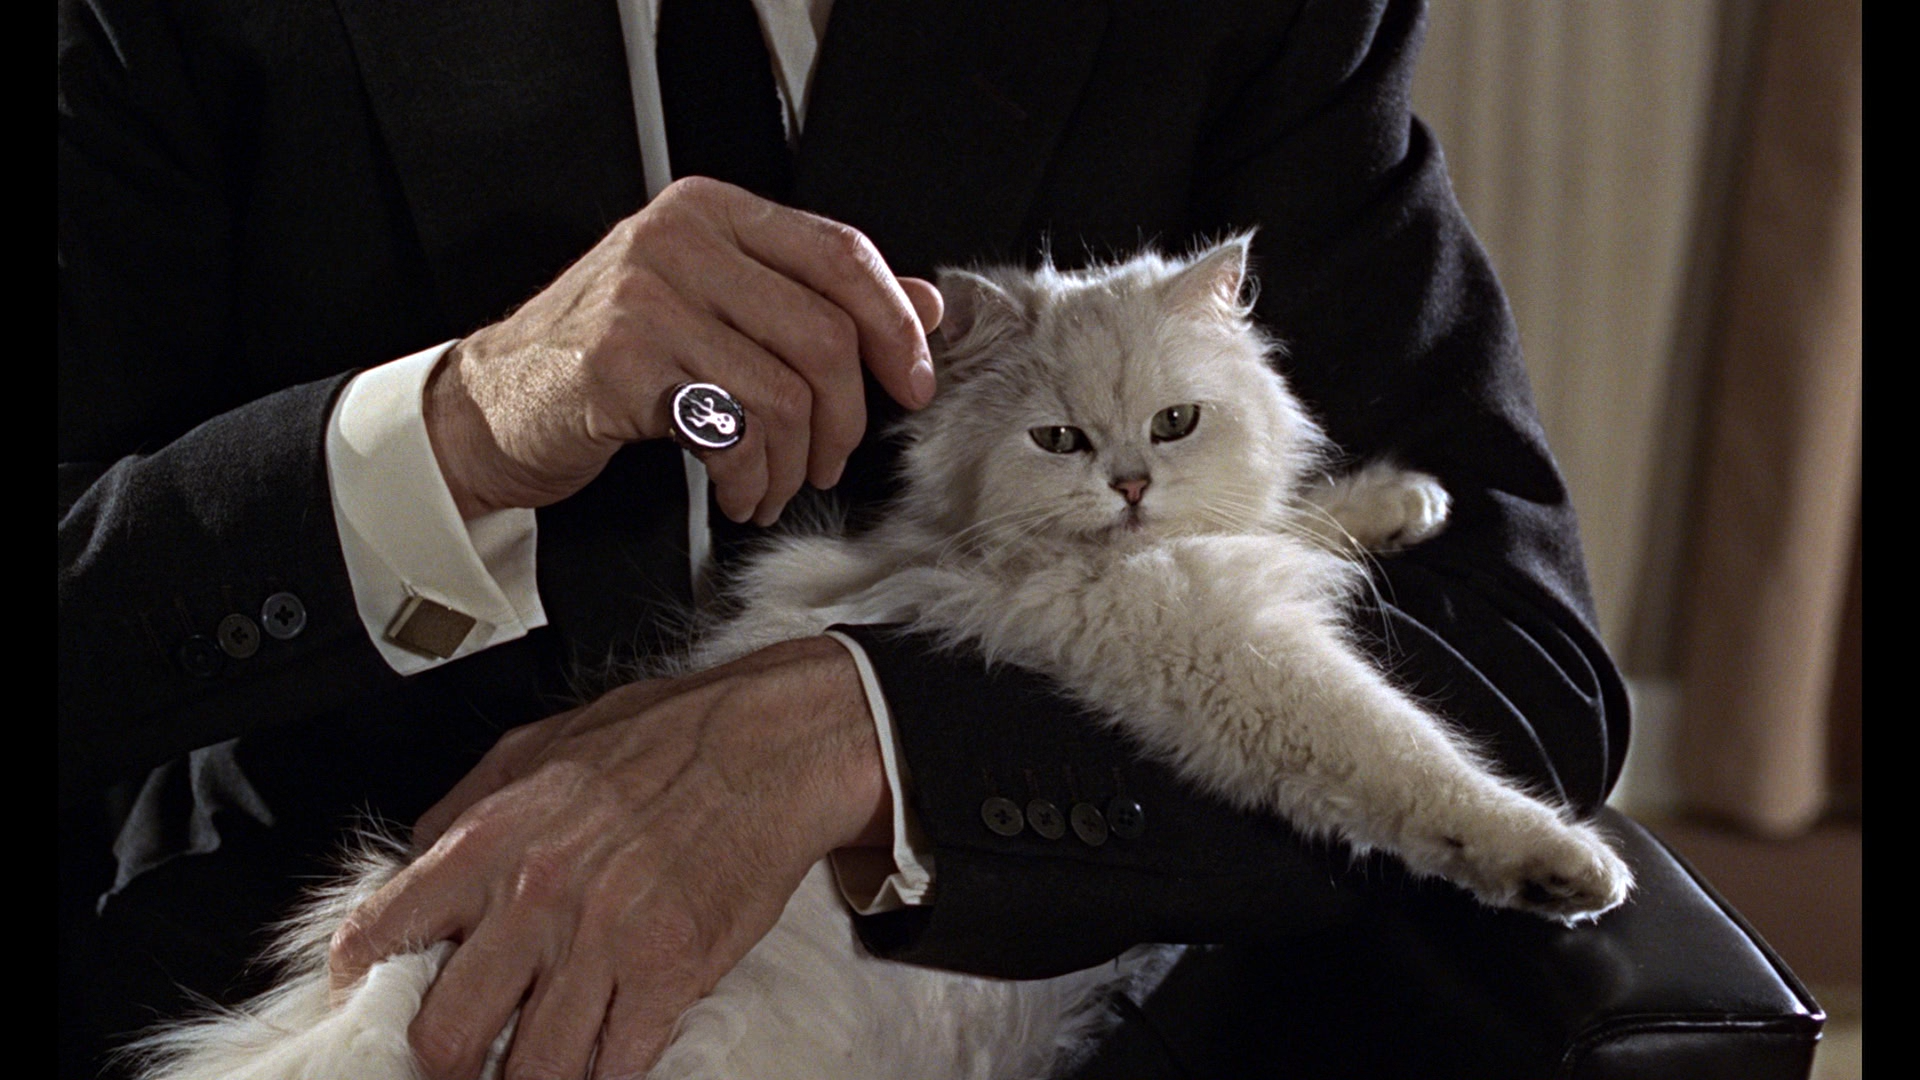 007 спектр spectre рецензия обзор отзывы премьера отвратительные мужики